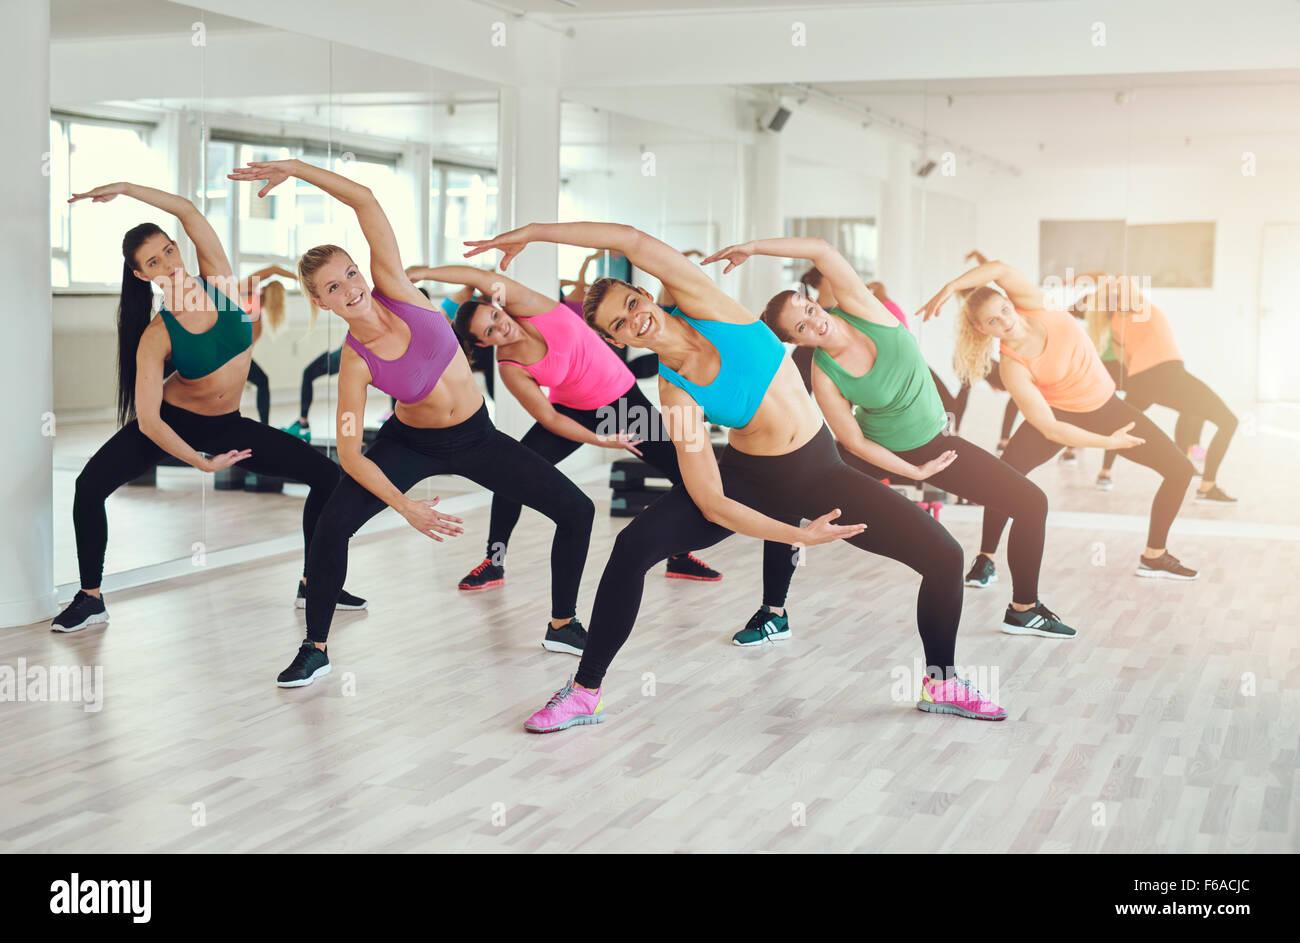 Clase de aeróbicos en el gimnasio con un grupo de atractivas mujeres jóvenes fit en coloridos sportswear Imagen De Stock